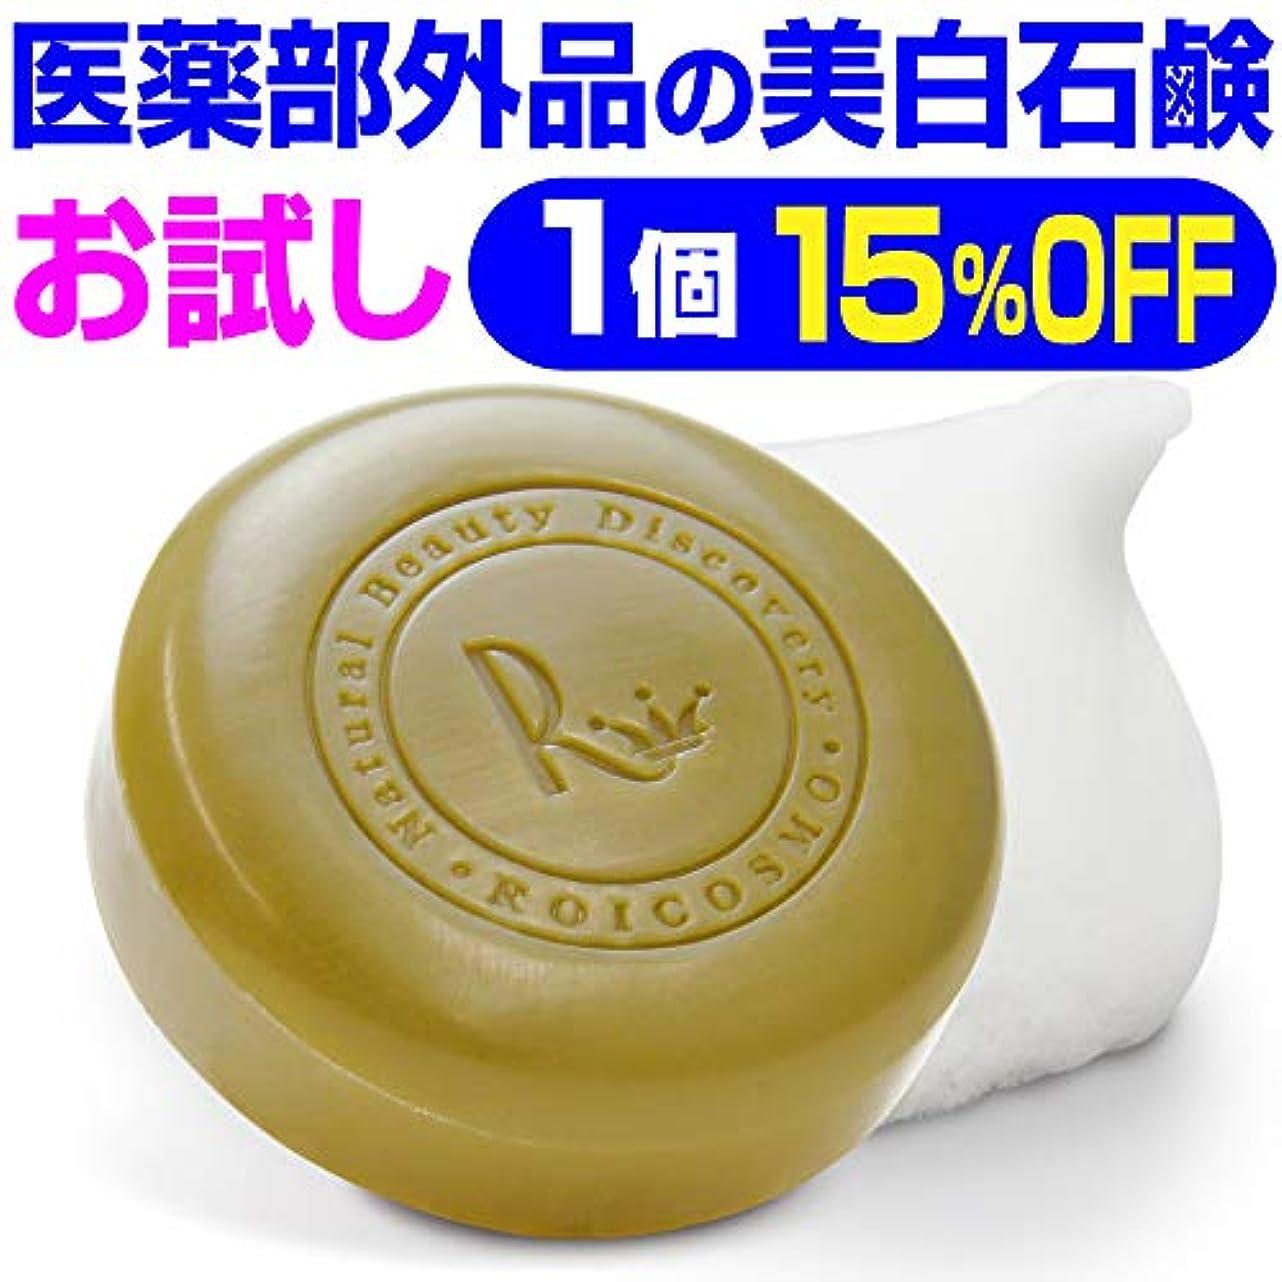 レビュアー港分布お試し15%OFF ビタミンC270倍の美白成分配合の 洗顔石鹸 固形『ホワイトソープ100g×1個』(初回限定)